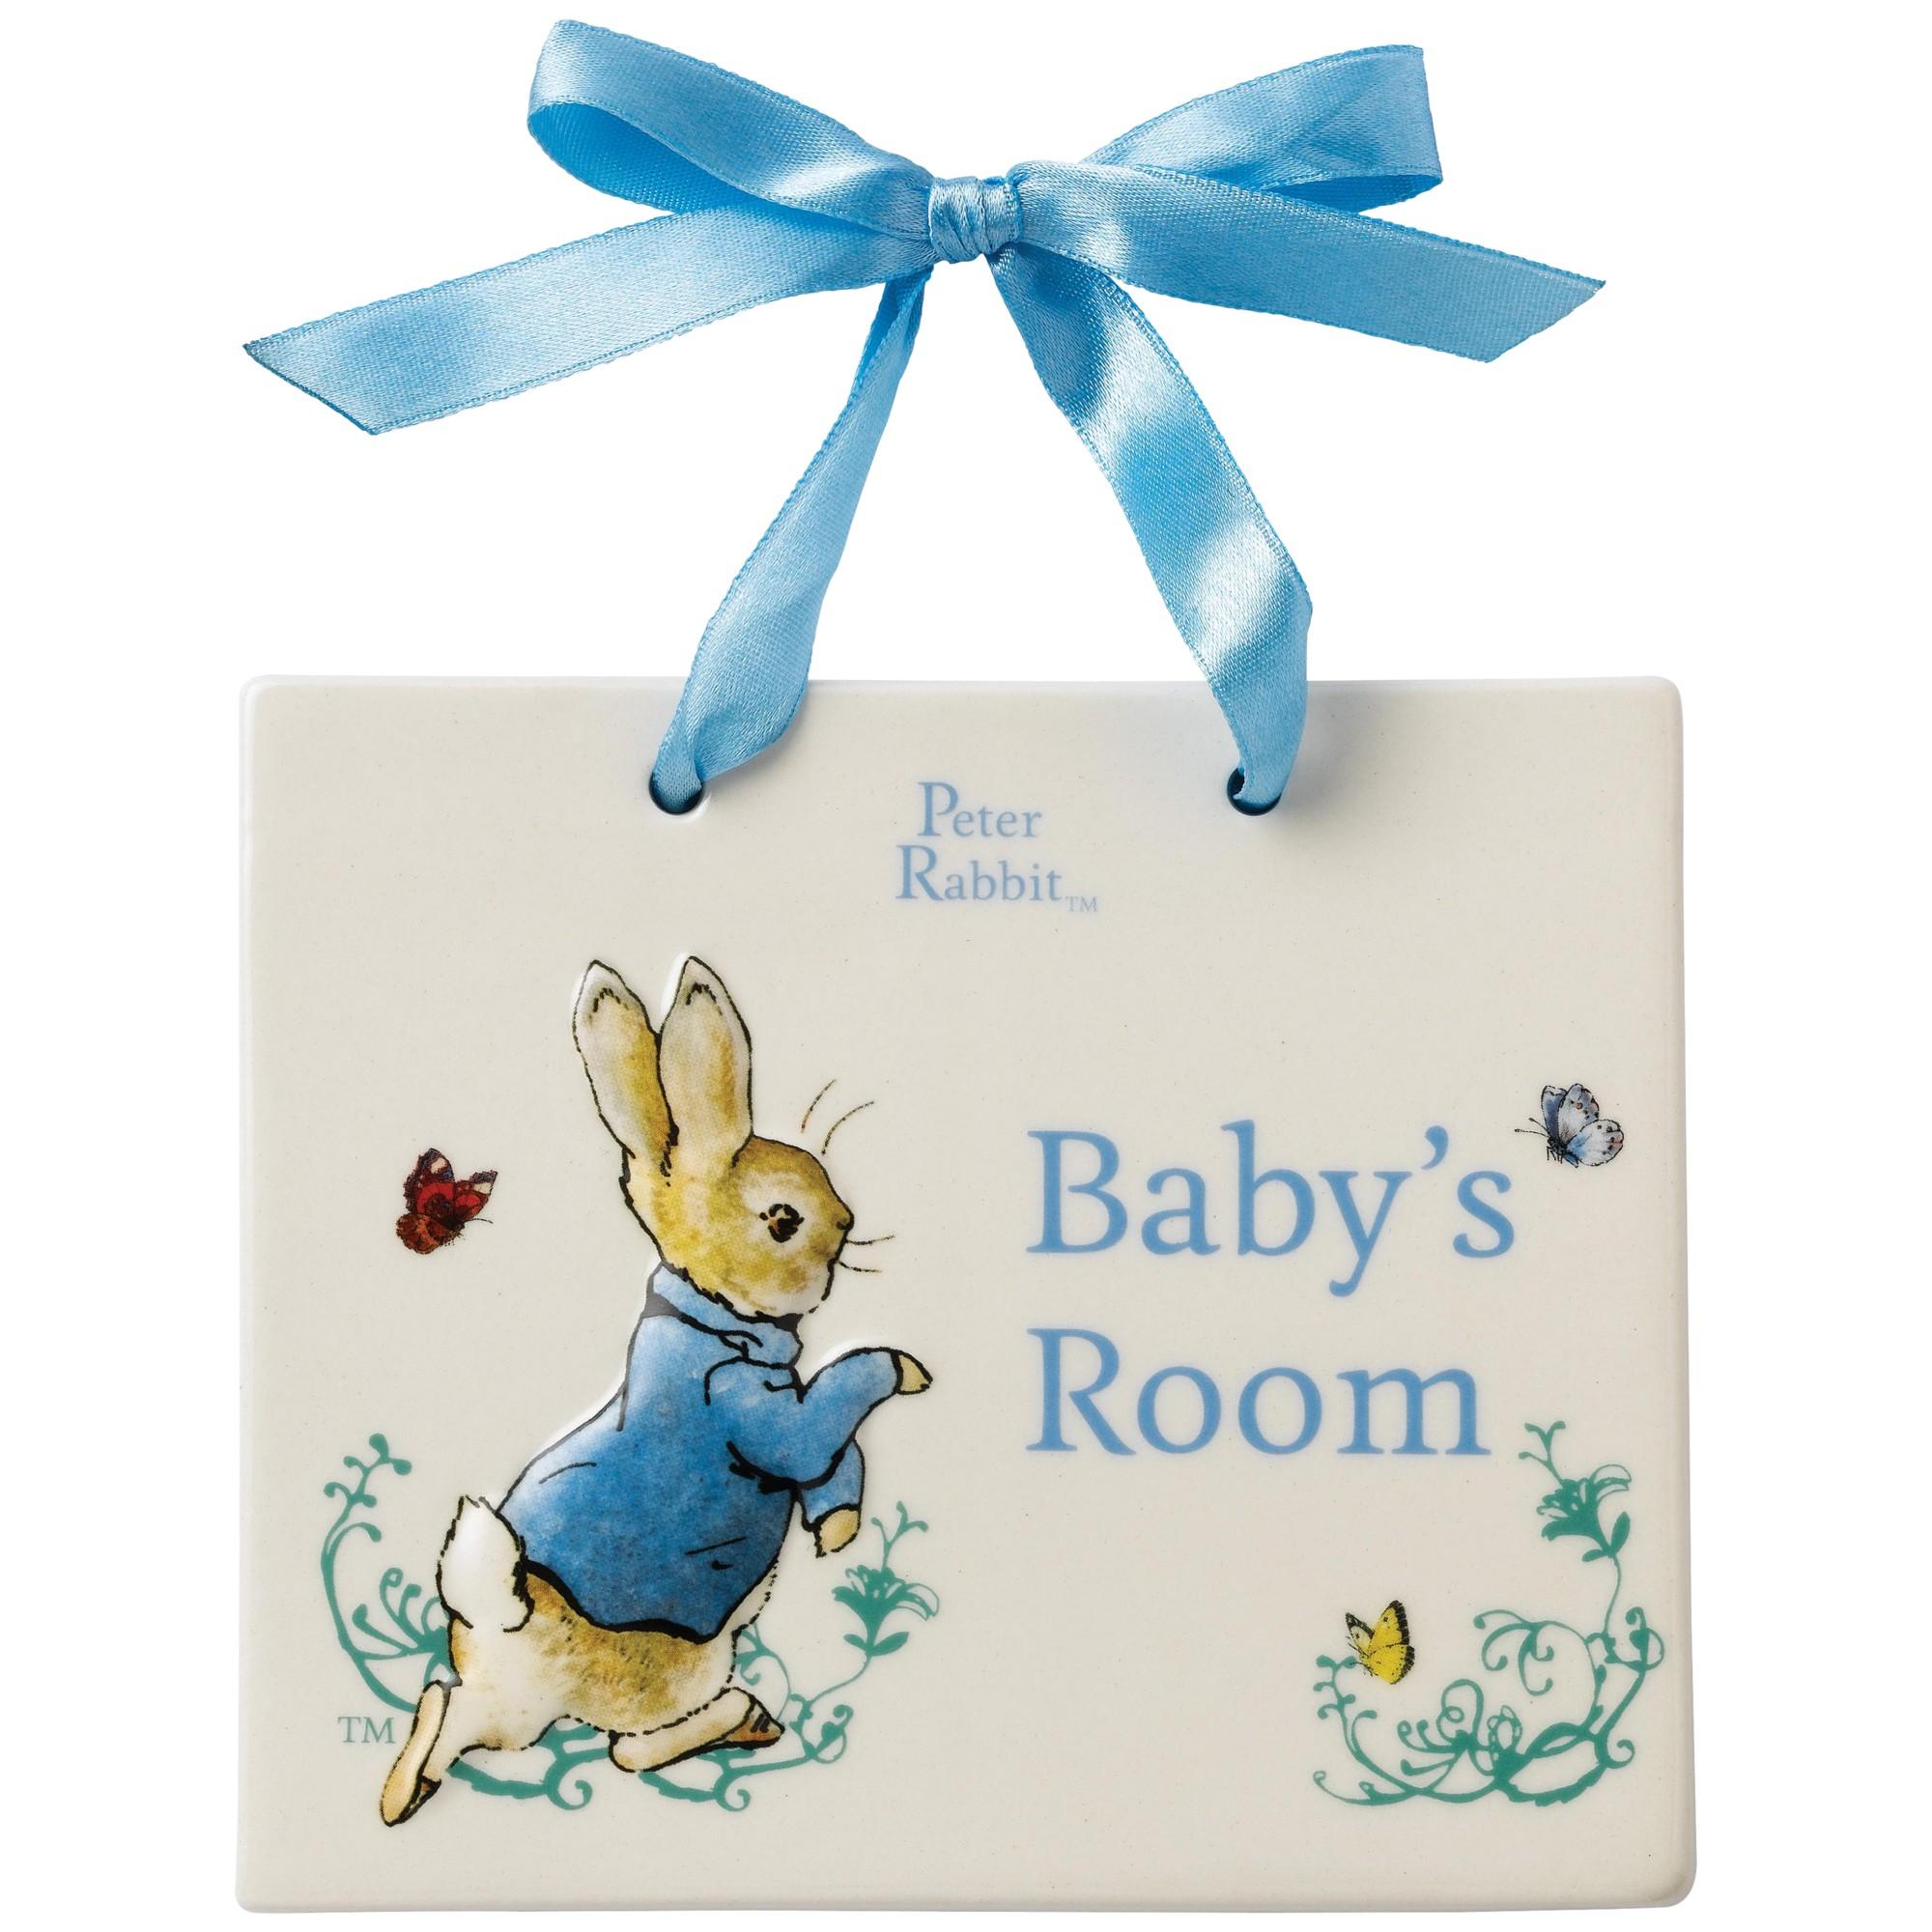 Beatrix Potter Peter Rabbit Baby's Room Door Plaque